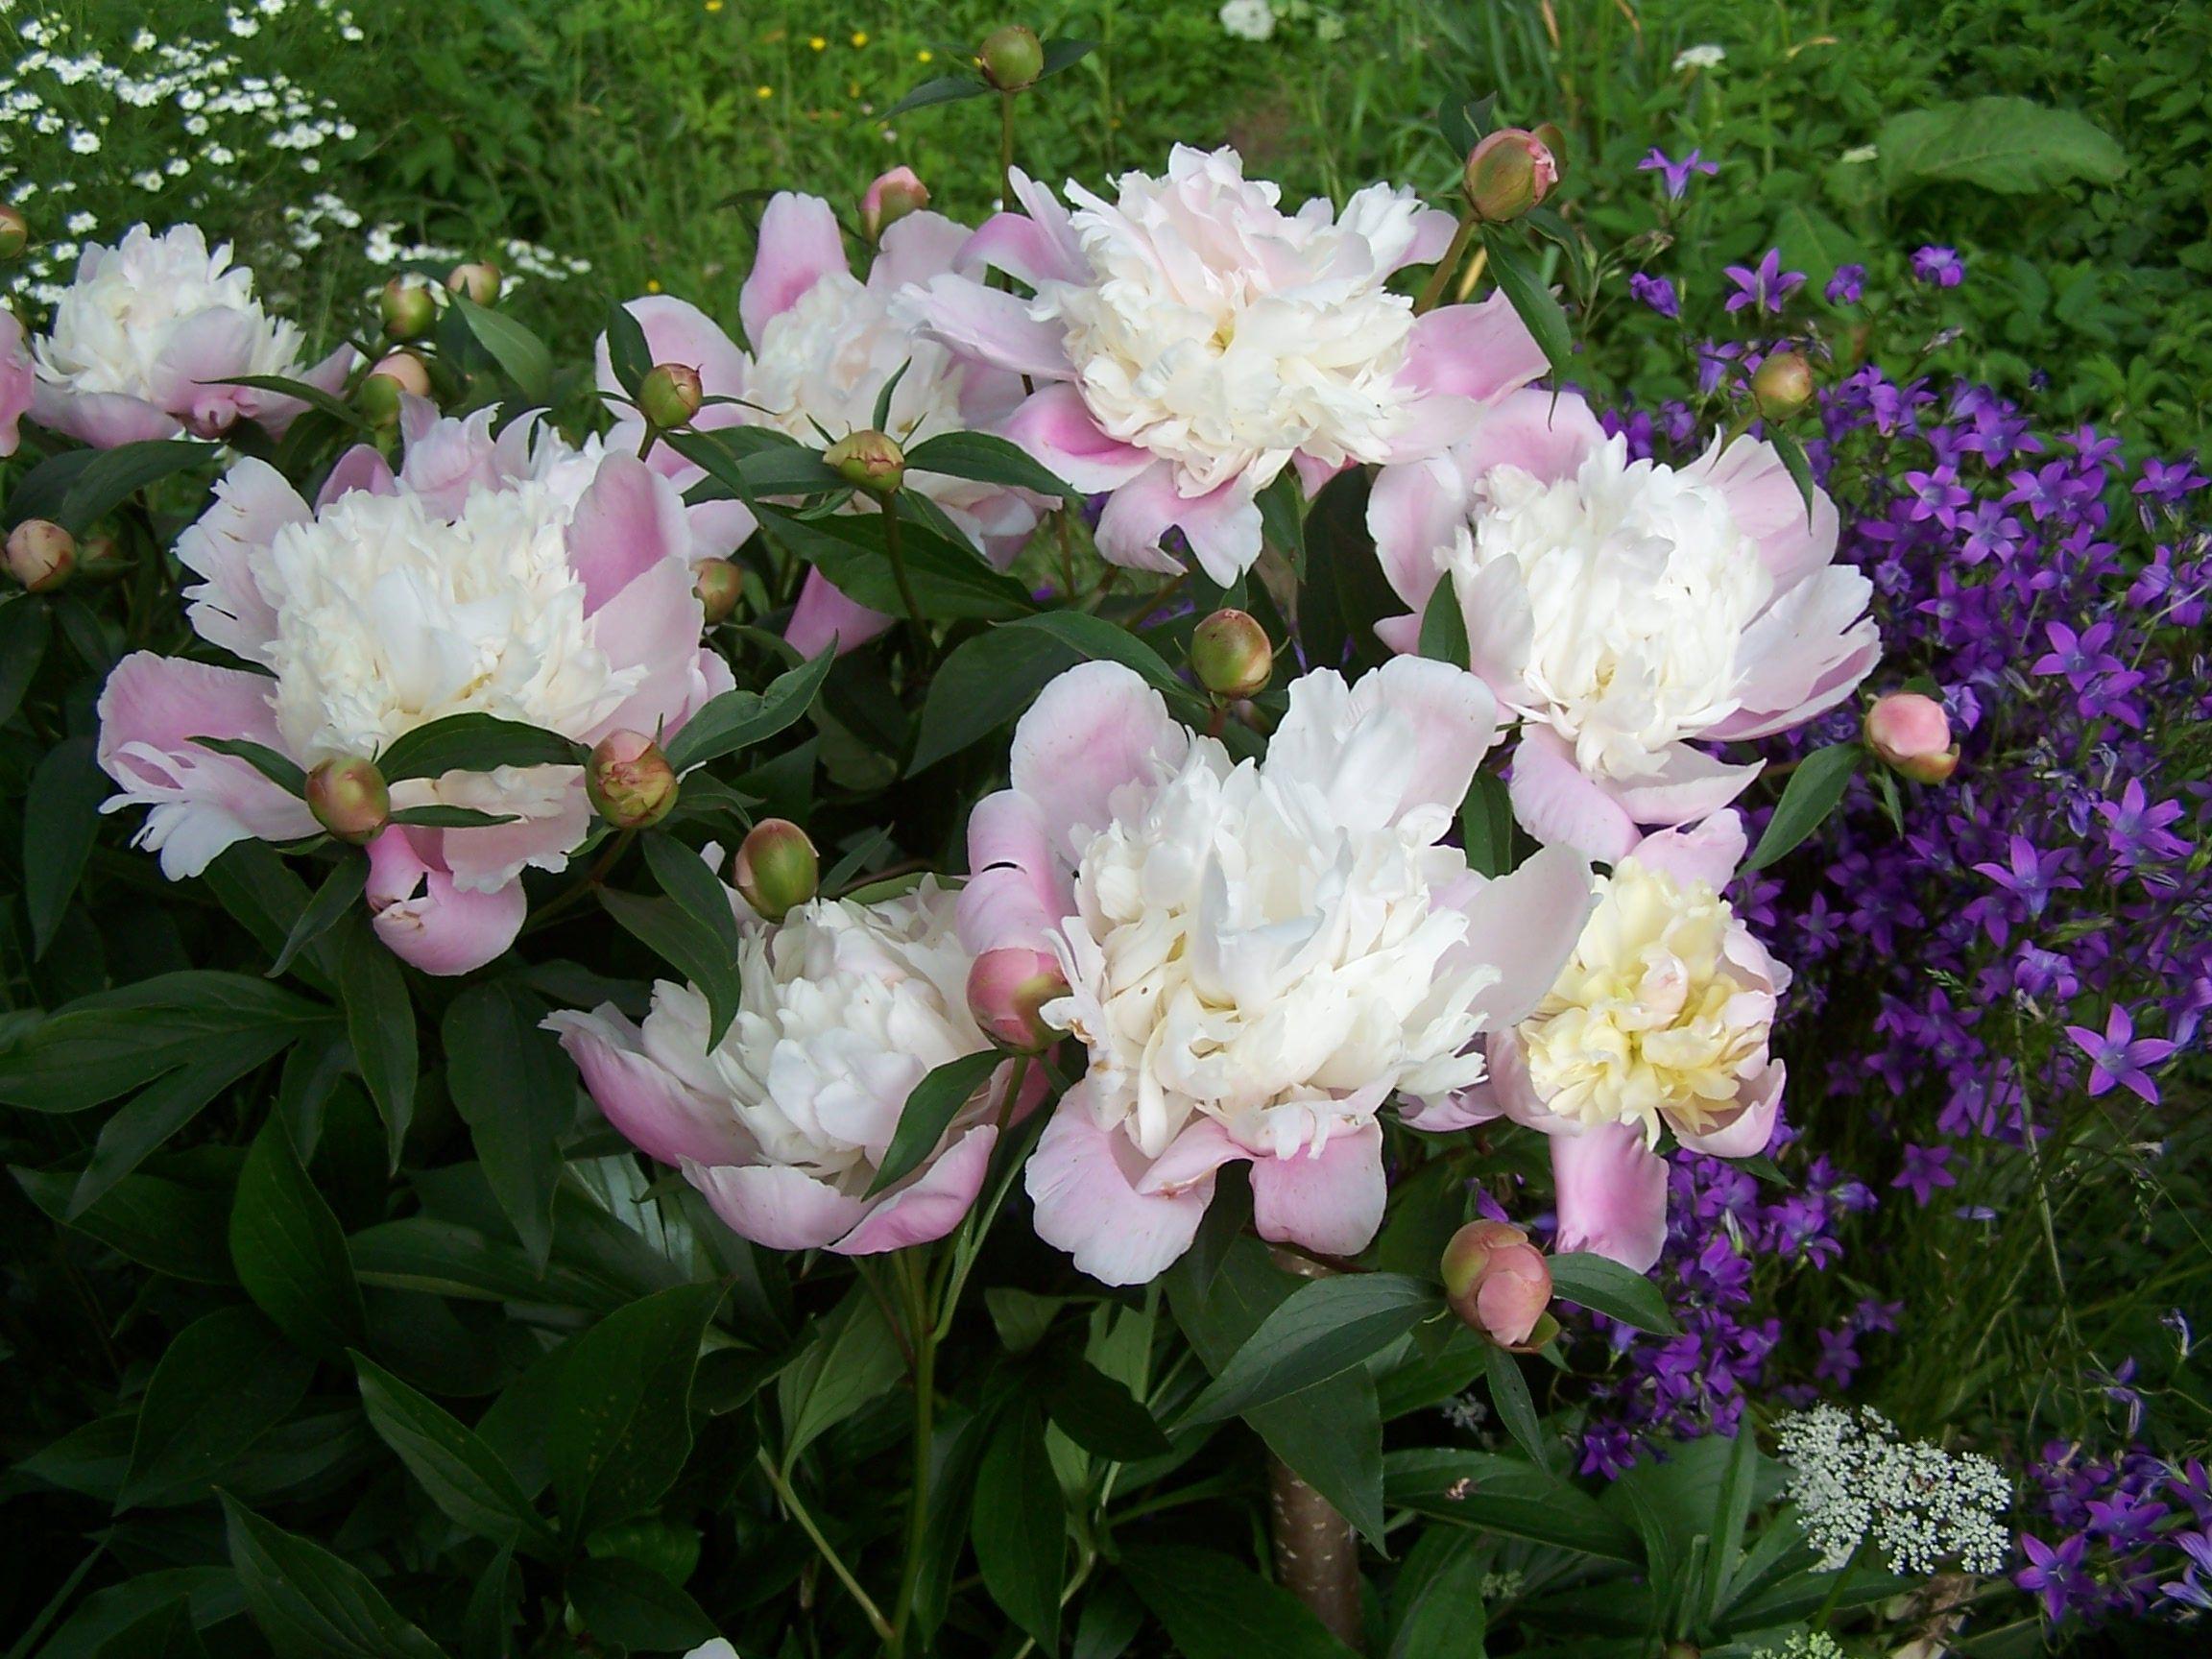 Piwonie W Ogrodzie Uprawa I Pielegnacja Deccoria Pl Plants Garden